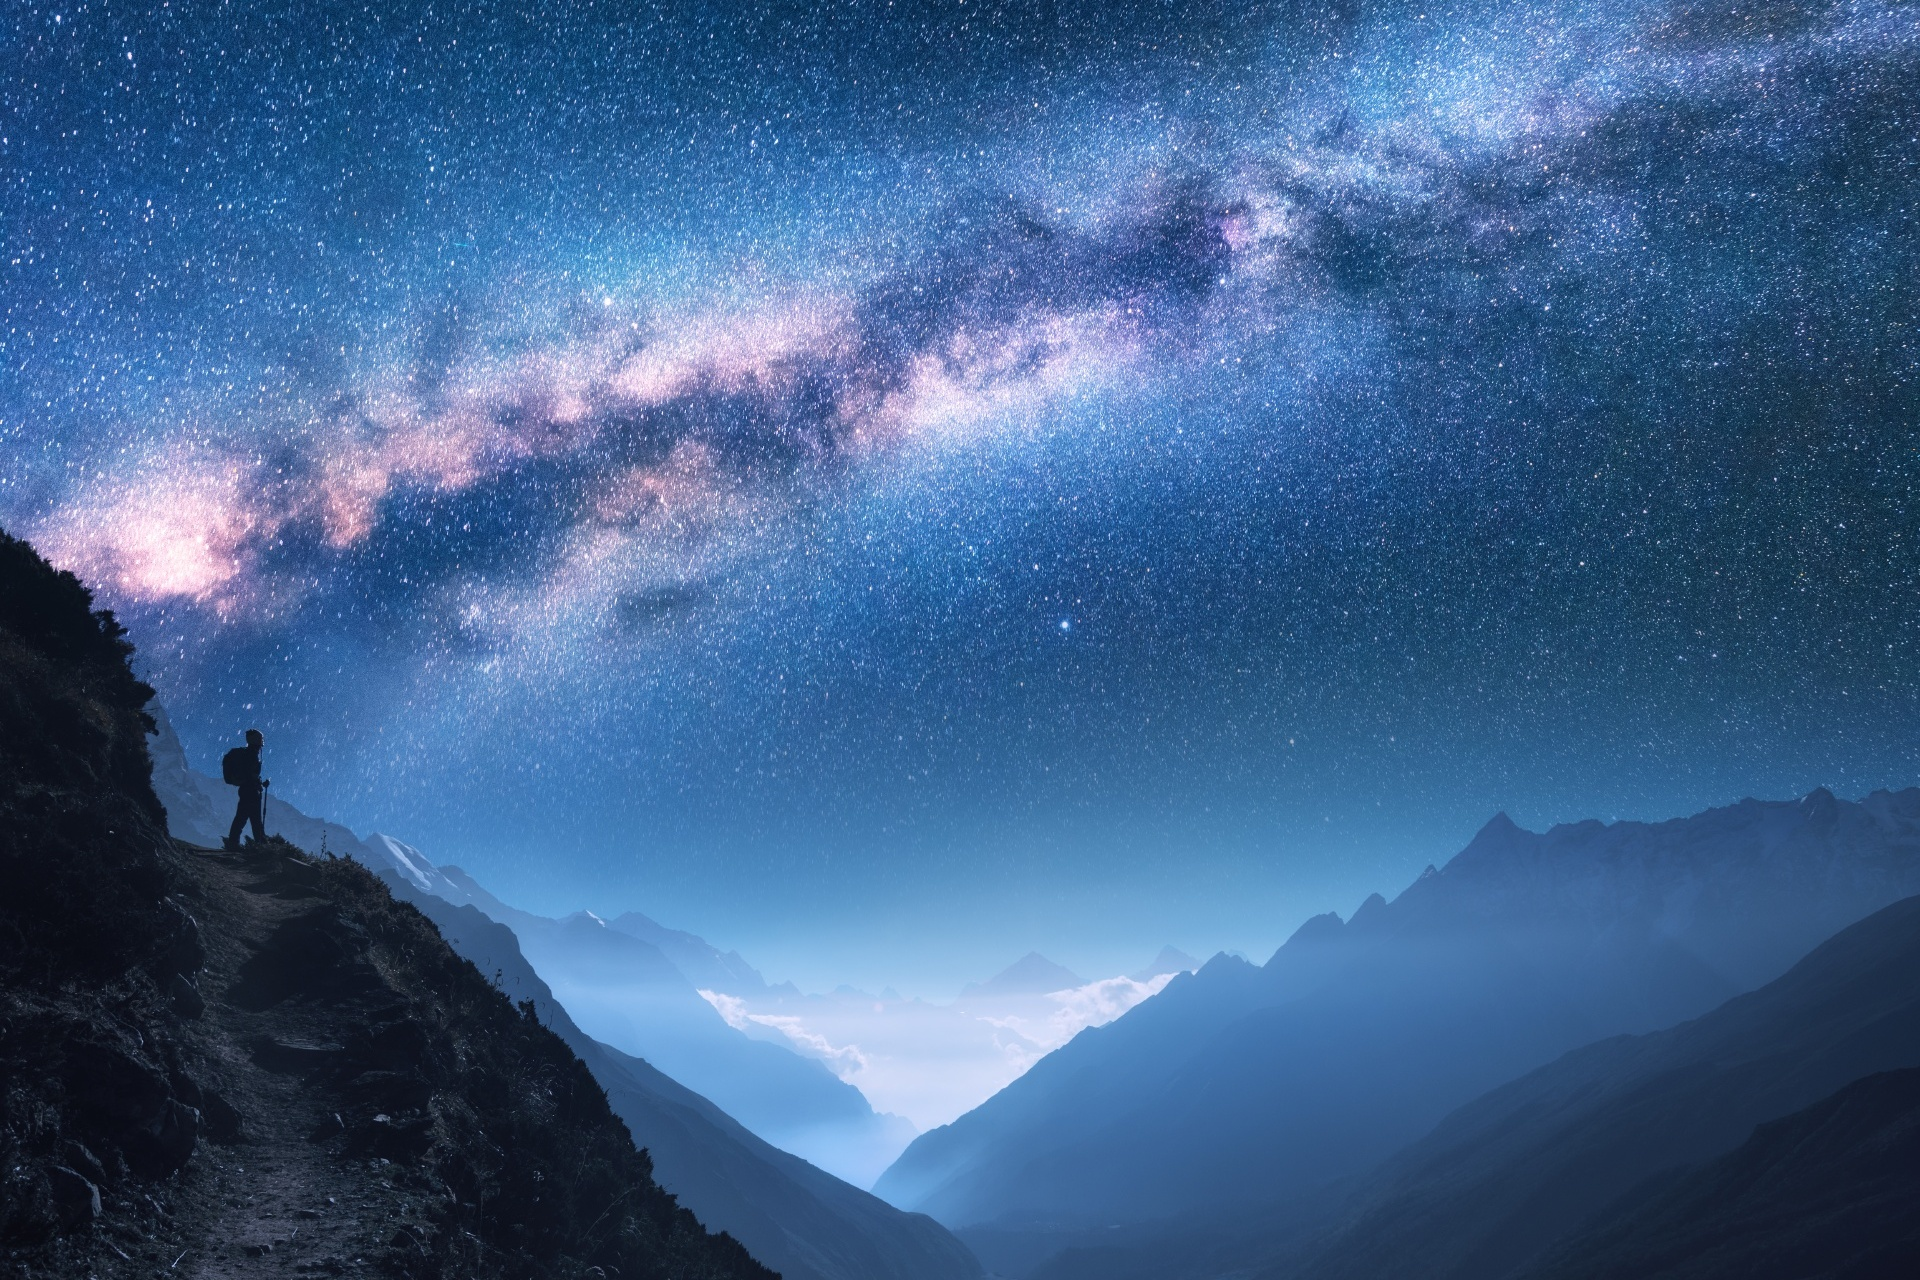 ネパールの夜 天の川と山々とトレッキングルート